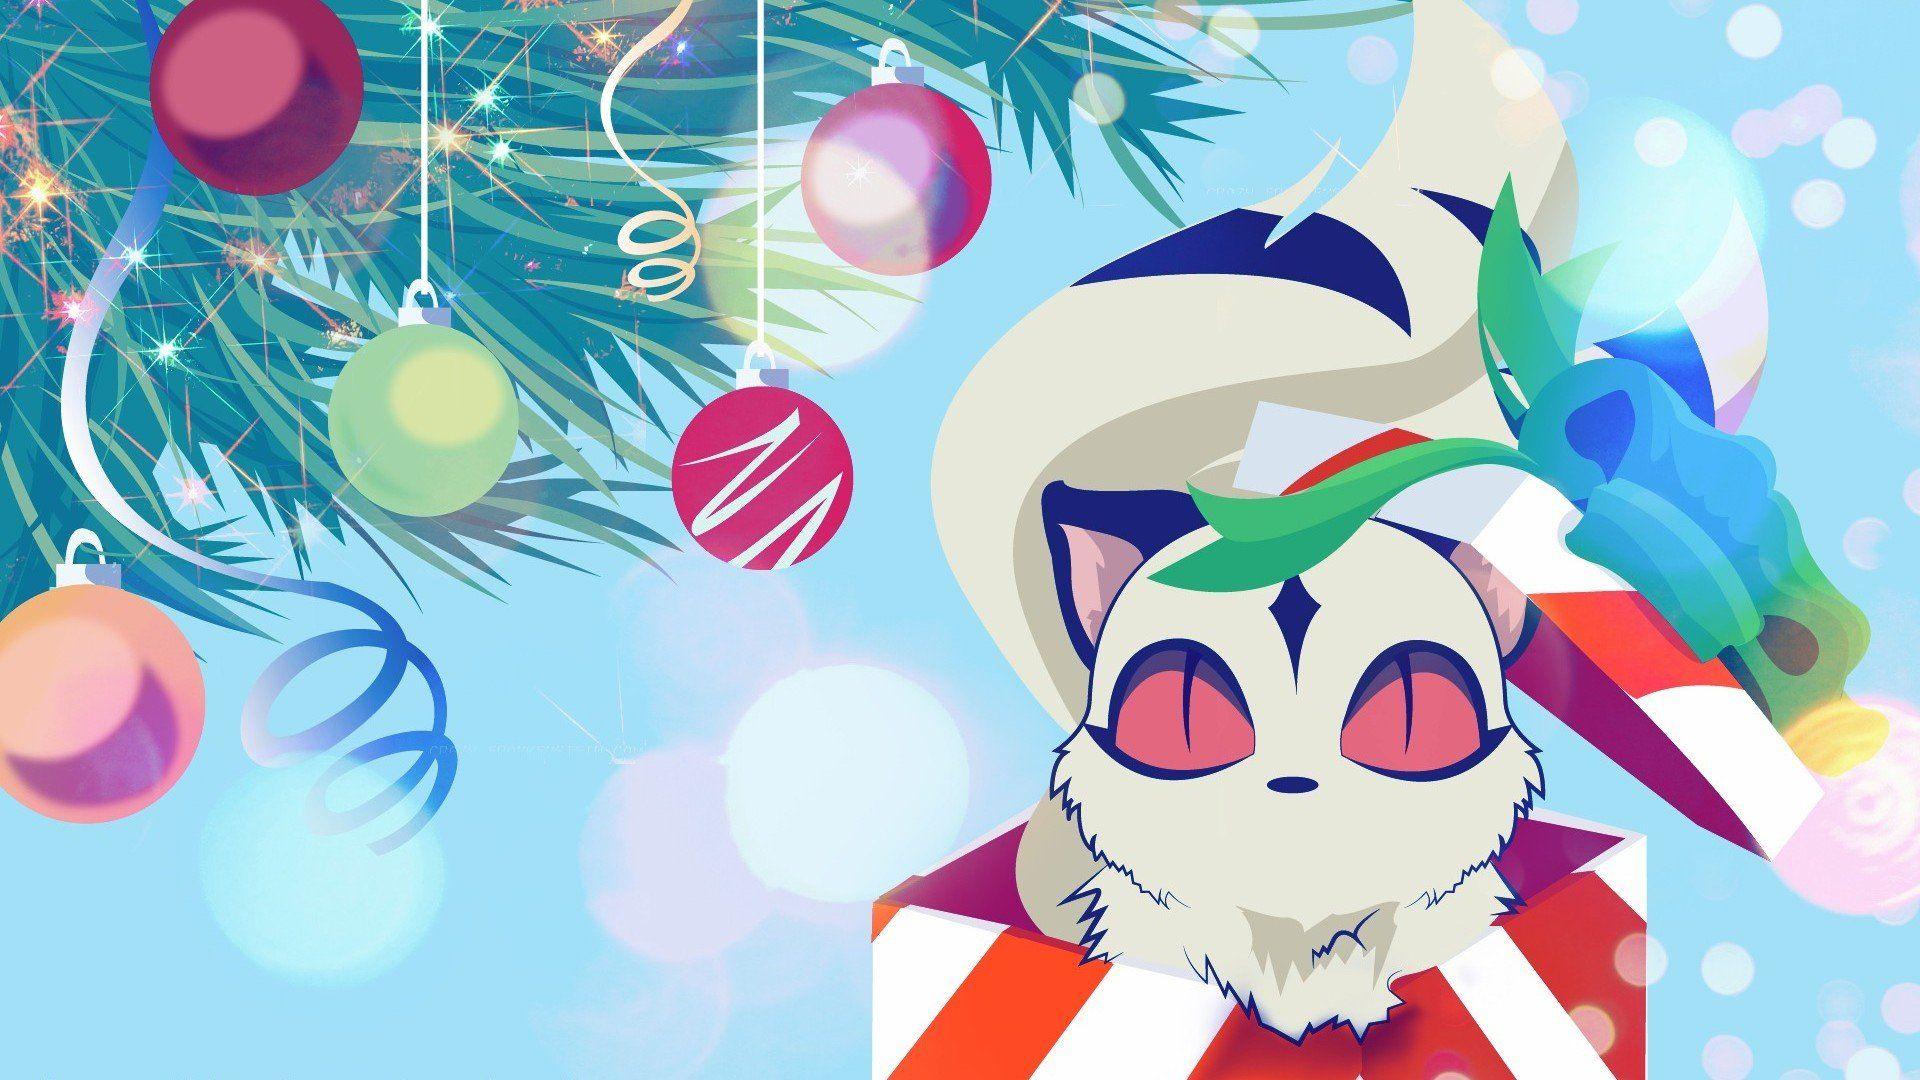 Inuyasha Anime Manga Kirara Christmas Xmas Posters Wallpapers